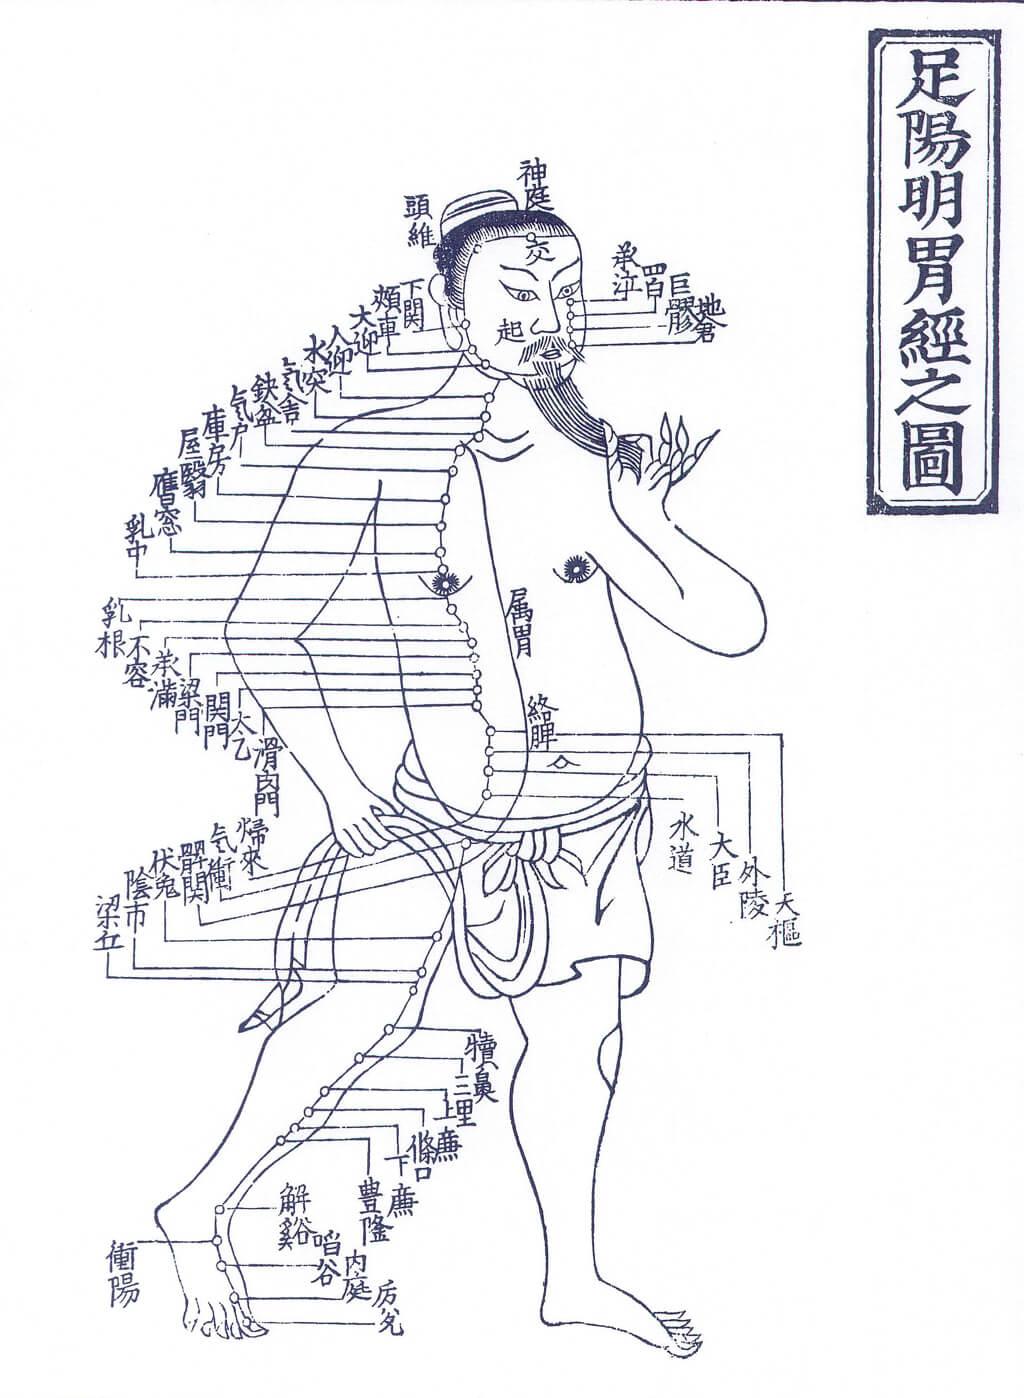 札幌整体治療院 谷井治療室 胃経の図